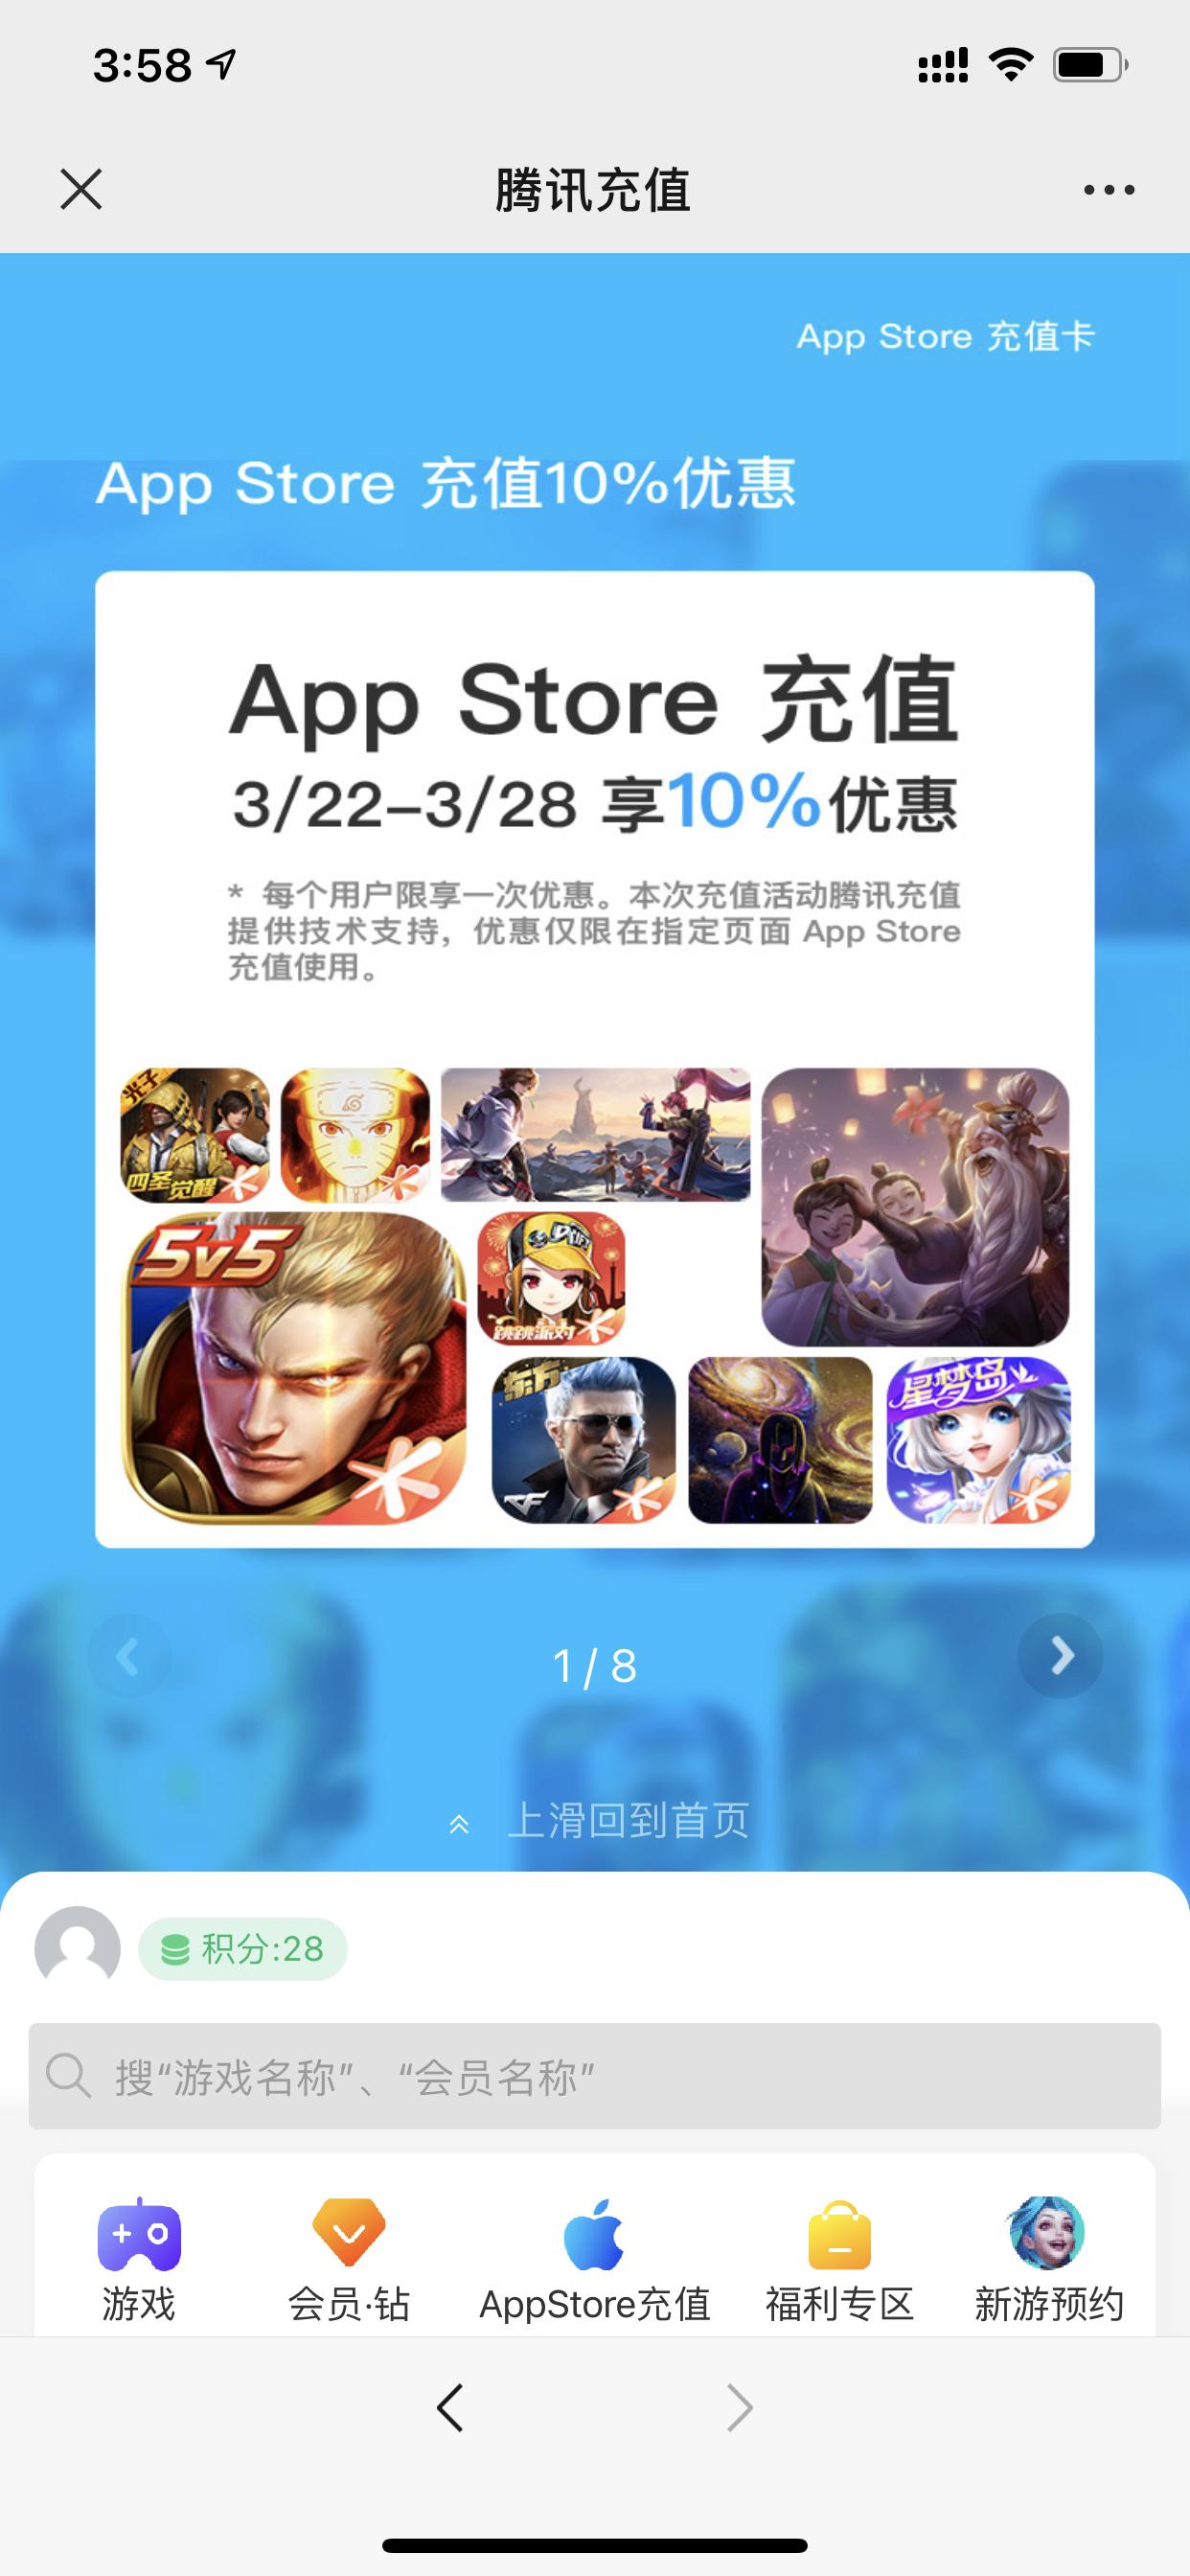 腾讯充值App Store充值 9 折优惠